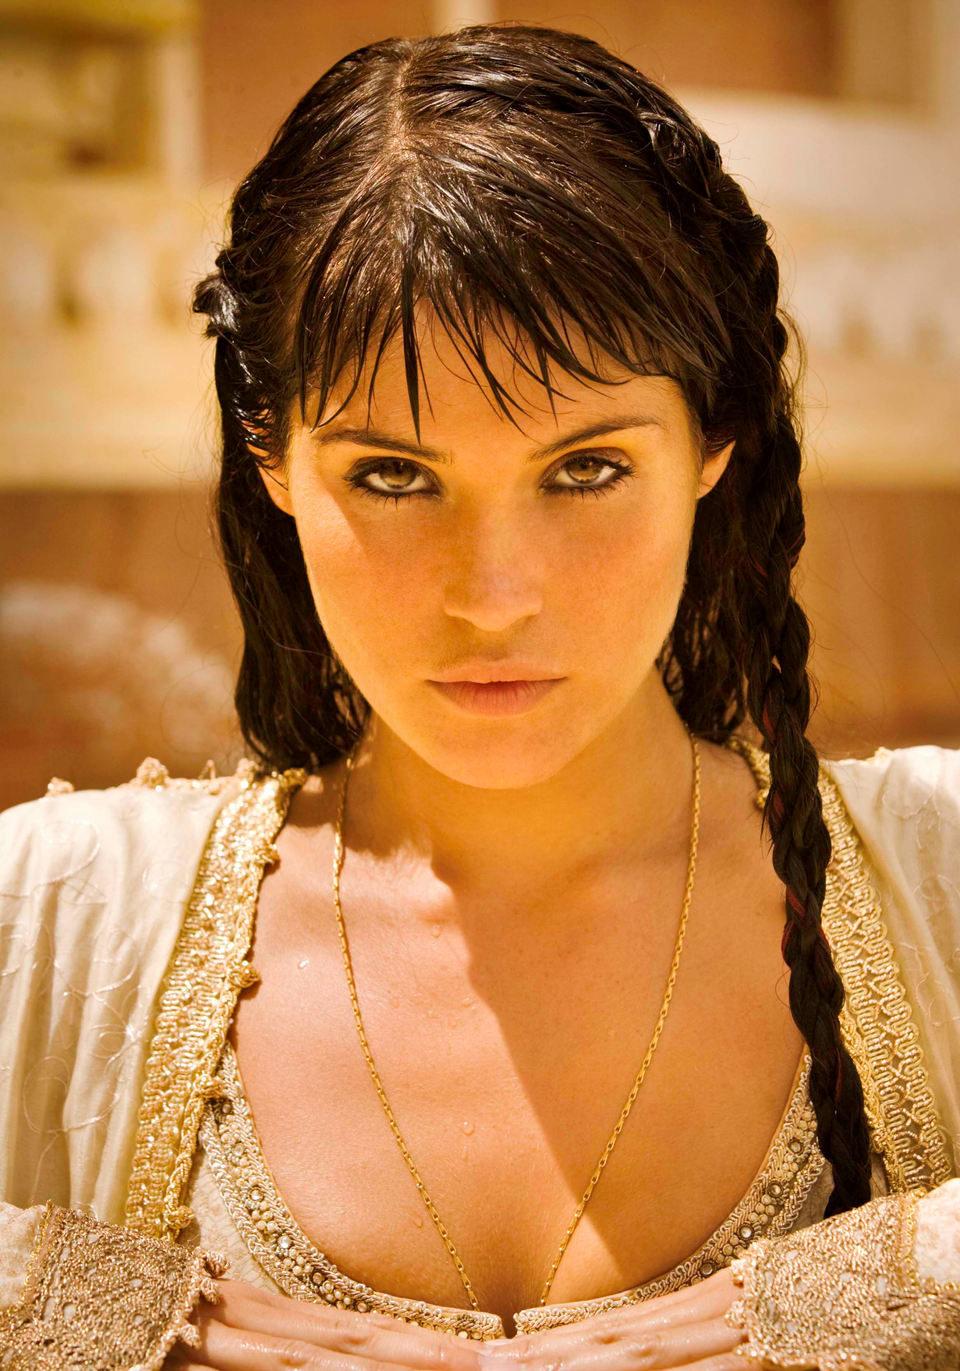 Prince of Persia: las arenas del tiempo, fotograma 27 de 47